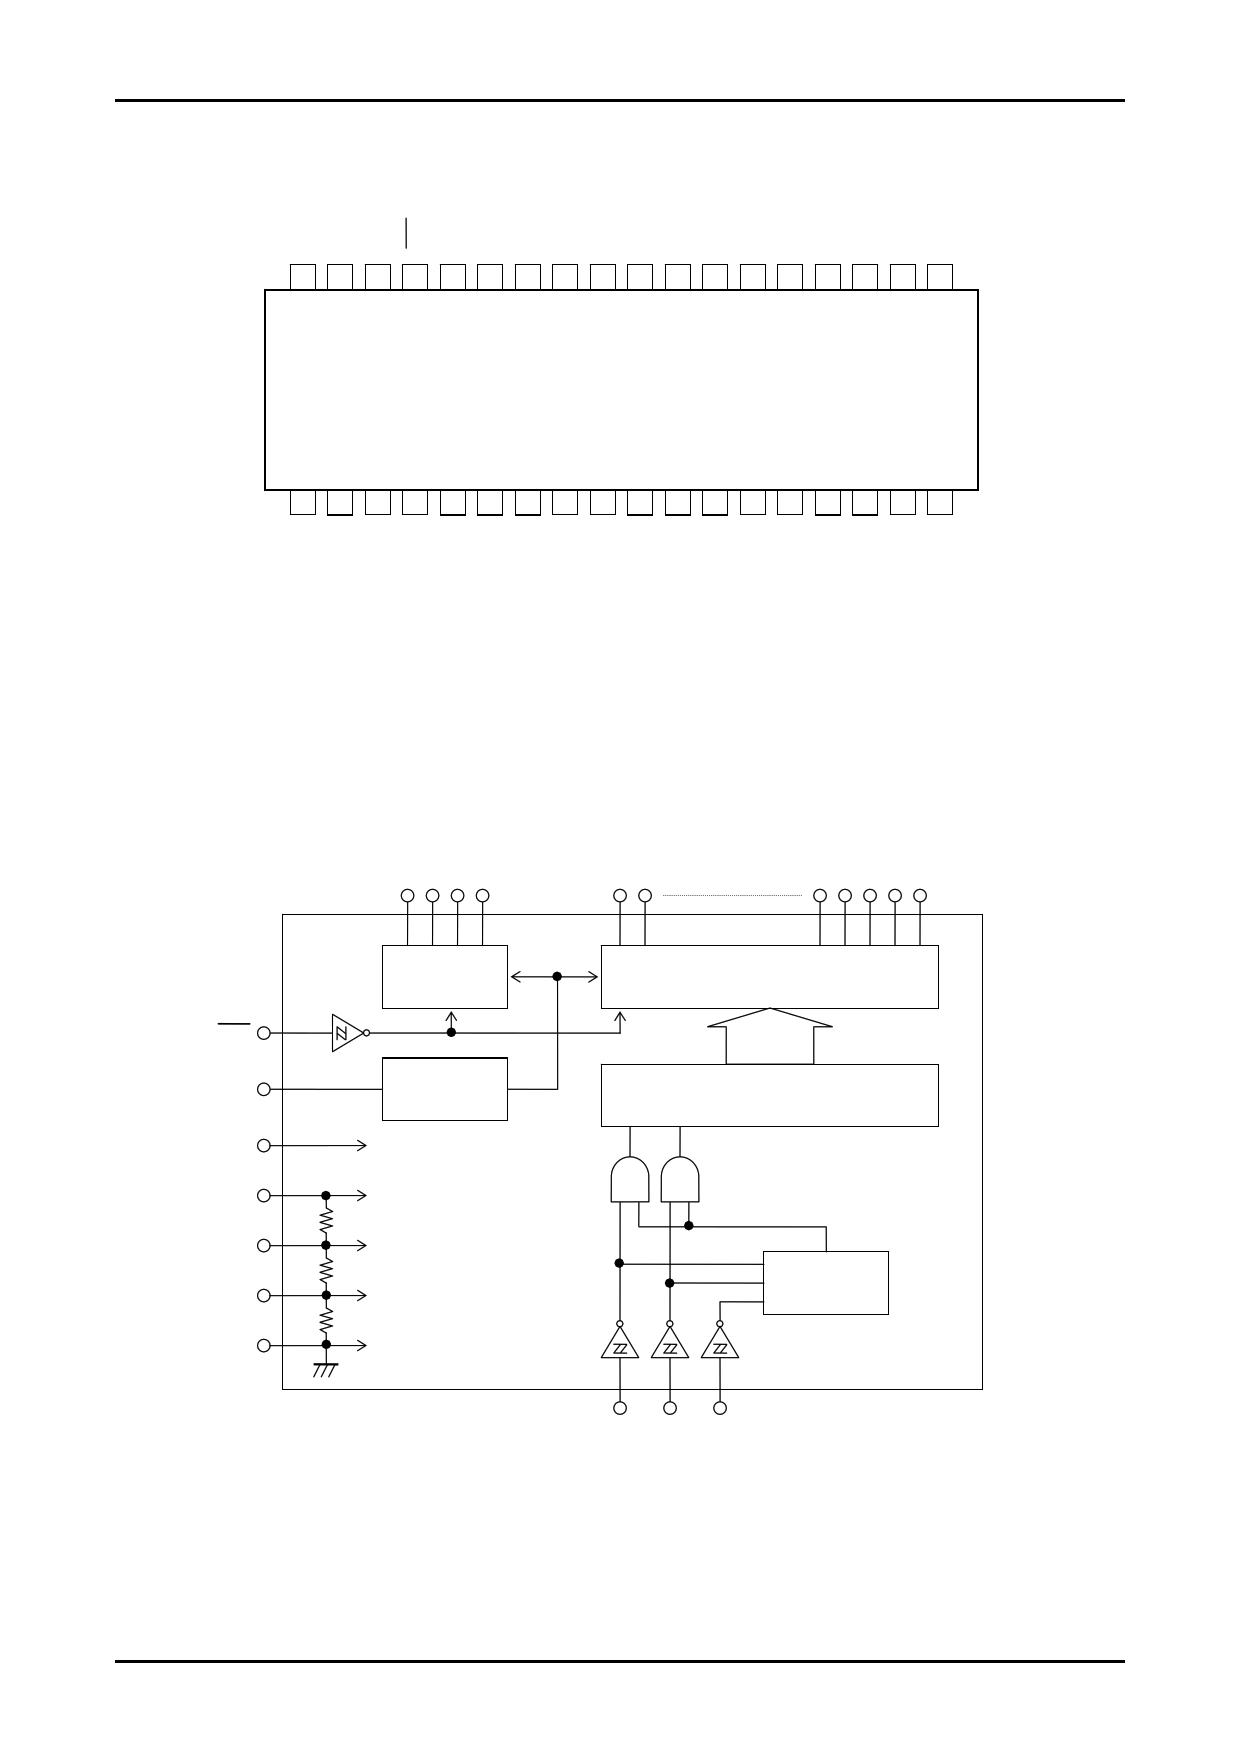 LC75844M pdf